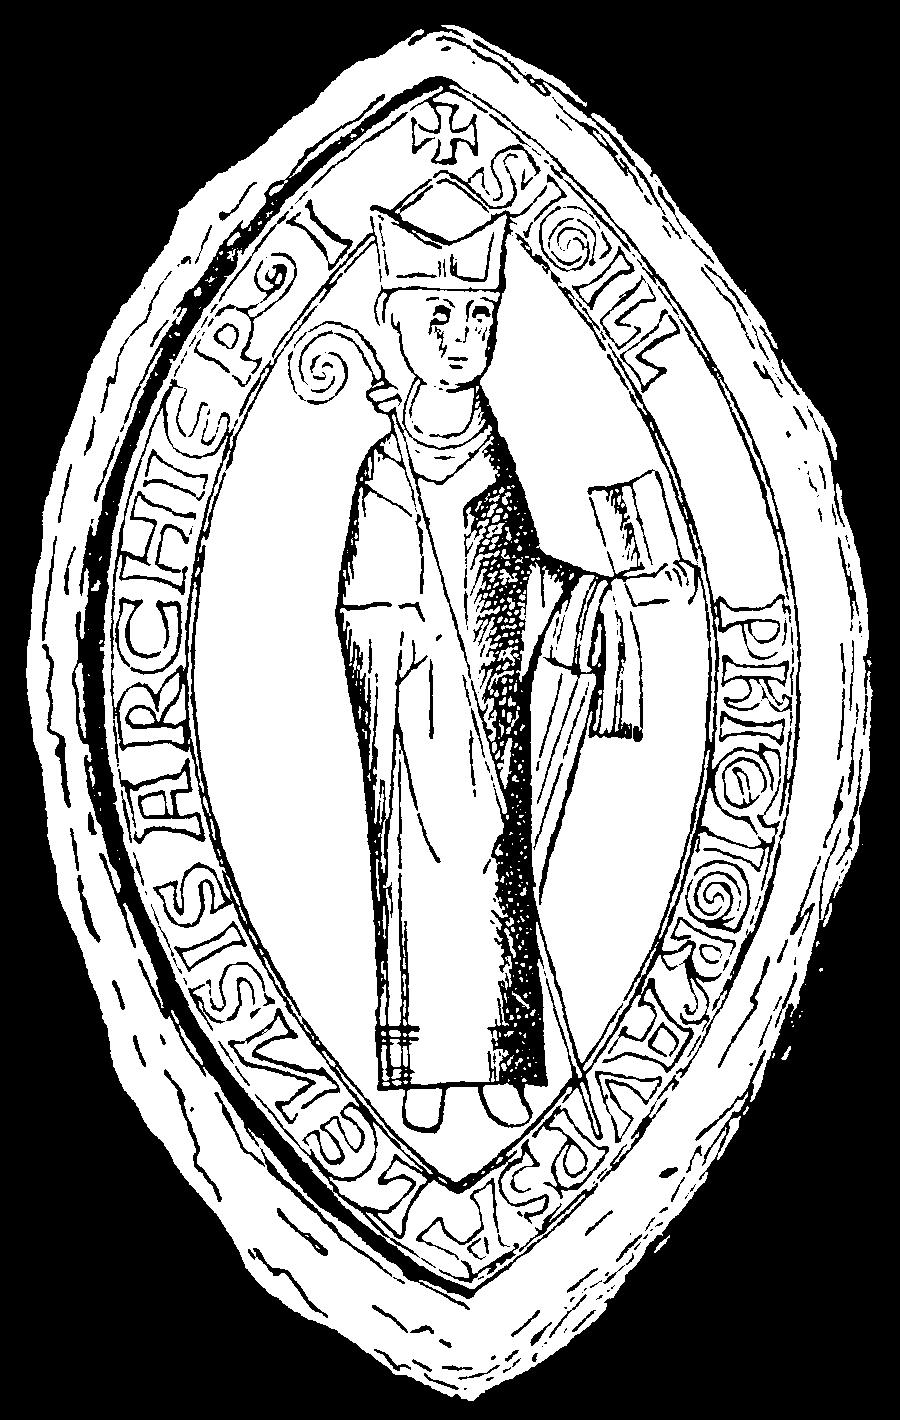 stefan   u00e4rkebiskop   u2013 wikipedia